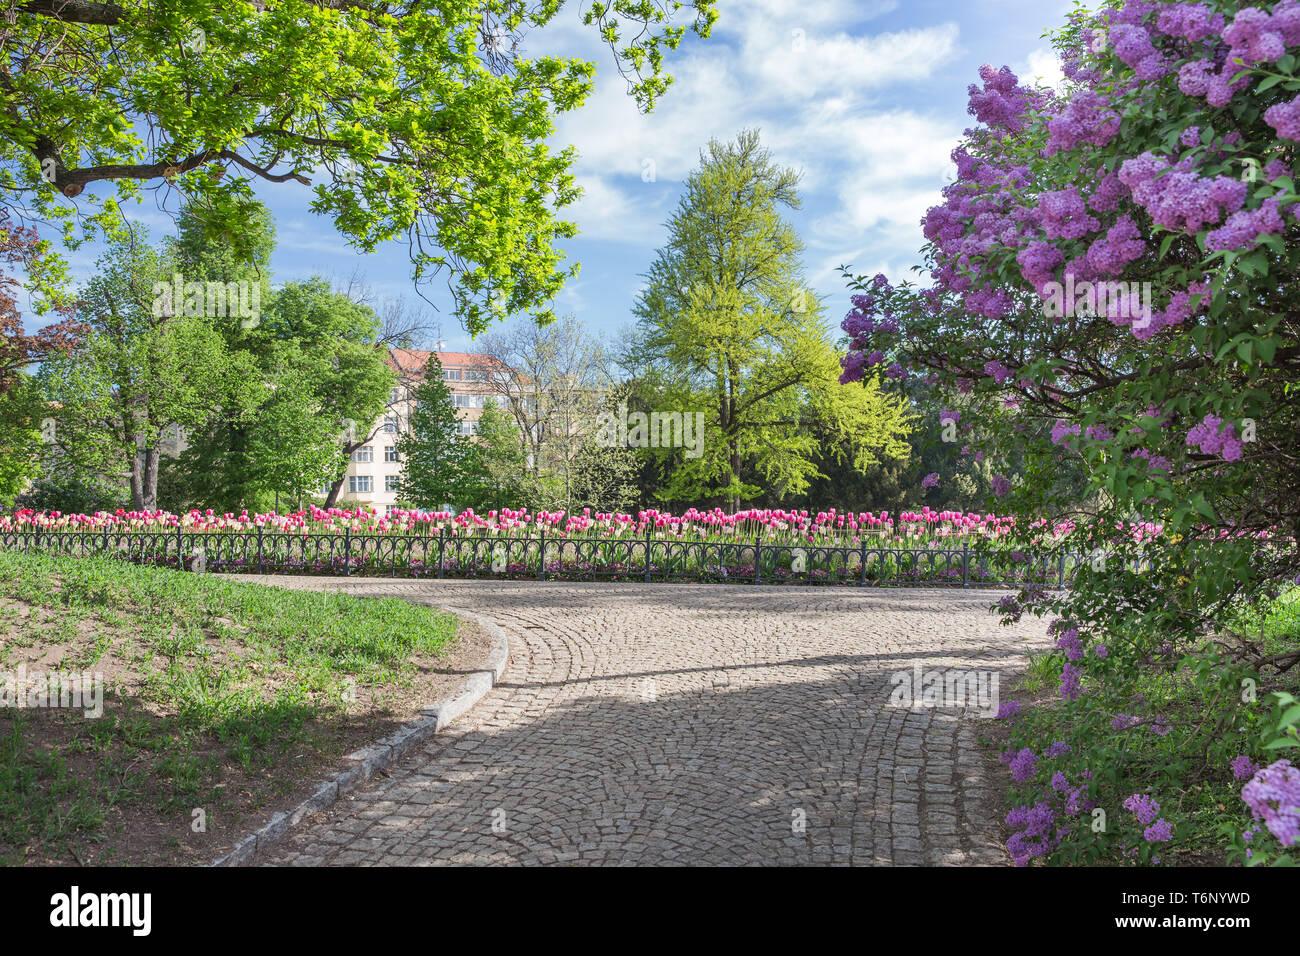 City Prague, Czech Republic. Prague center, flowering park. 2019. 26. April. Travel photo. - Stock Image